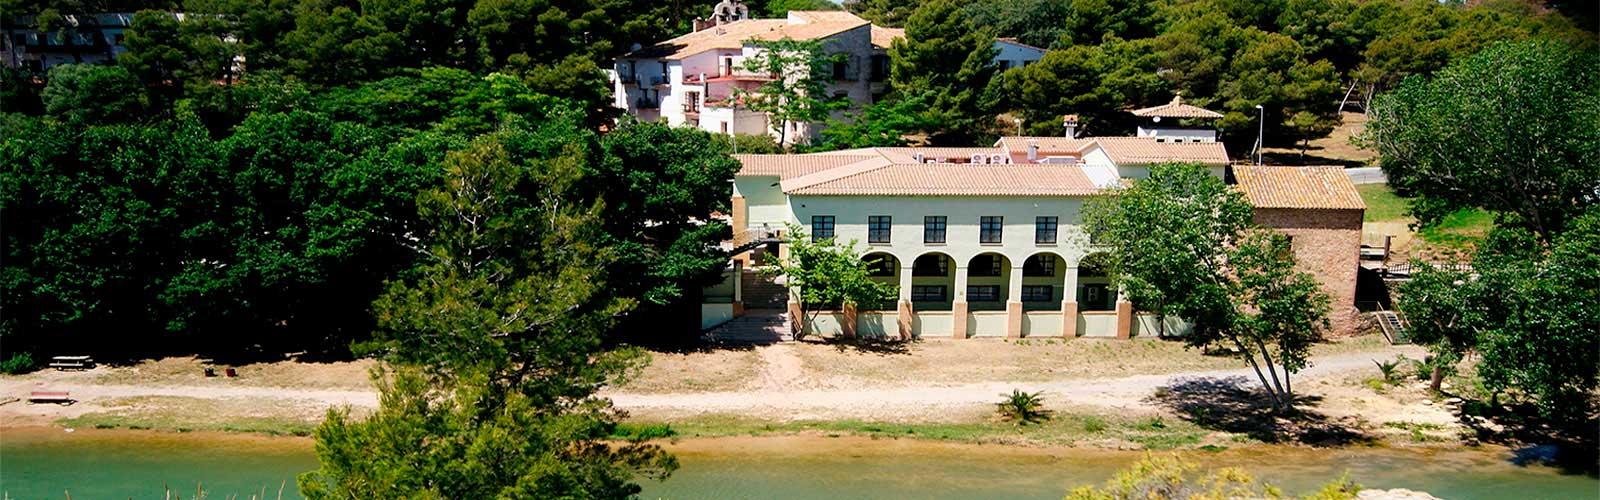 Centro de Congresos El Molí — Vila-real